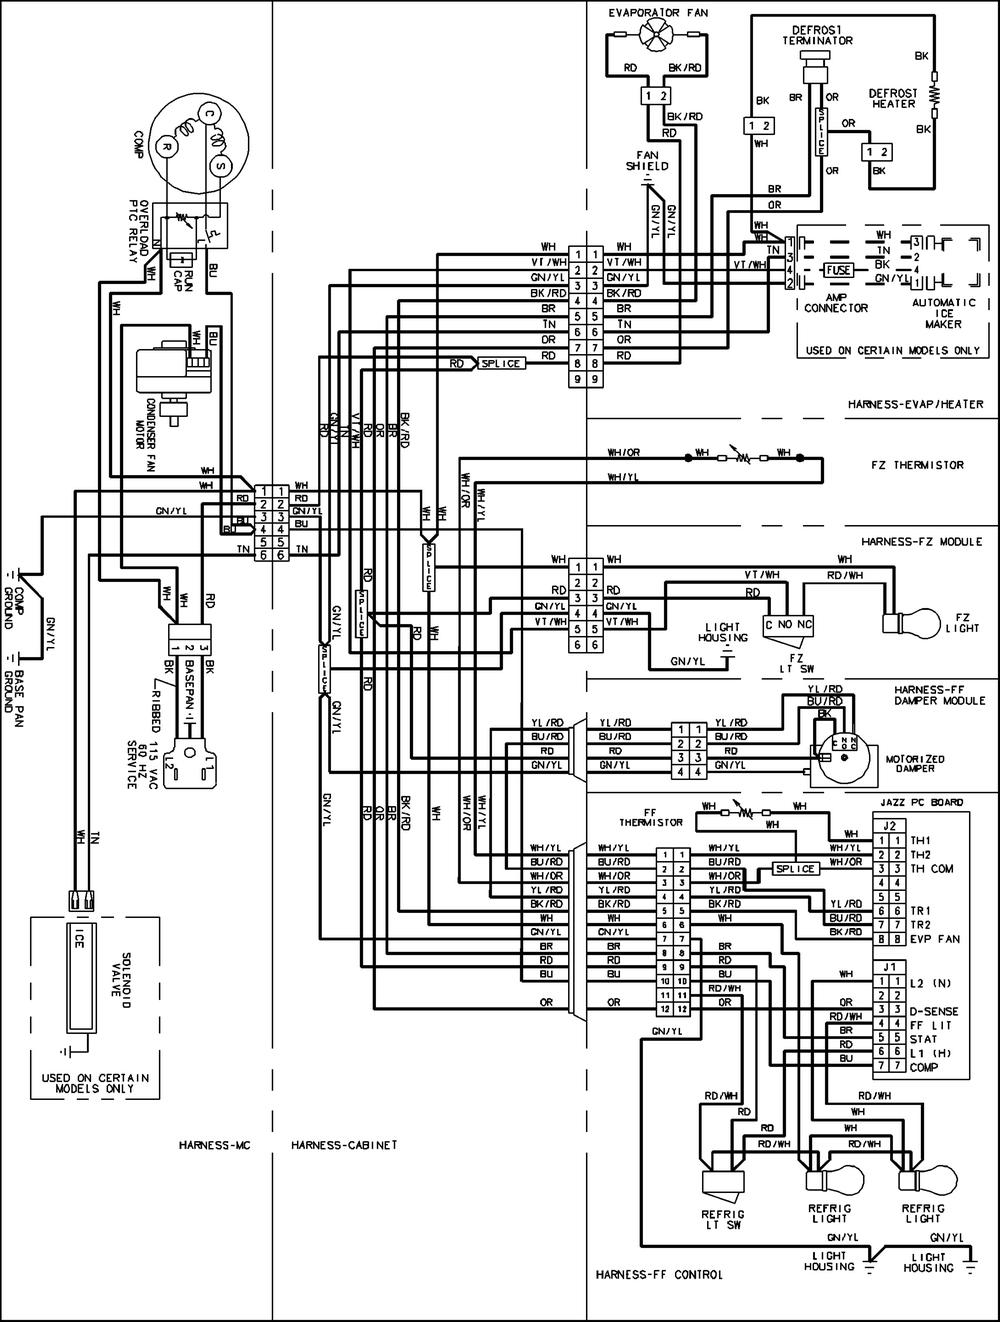 electrolux refrigerator wiring schematic refrigerator wiring diagram pdf | free wiring diagram amana refrigerator wiring schematic #9